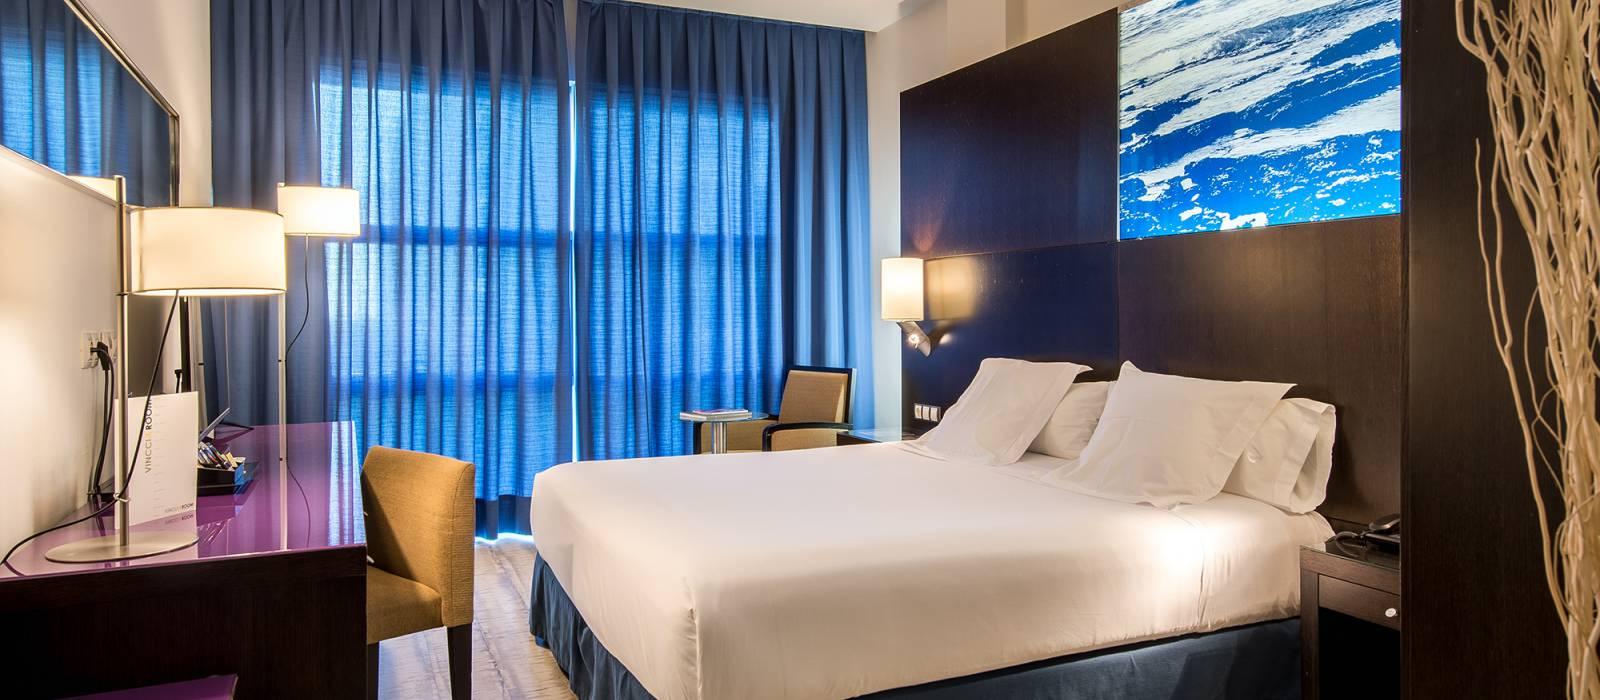 Offerte Hotel Vincci Barcelona Maritime - Prenota ora e risparmia 20%!